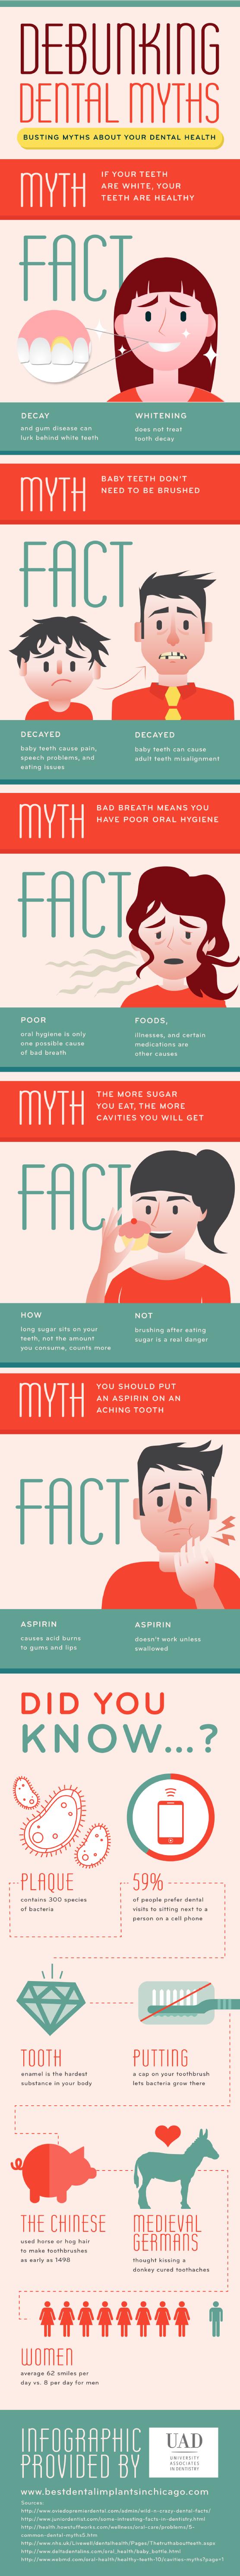 Infographic: Debunking Dental Myths